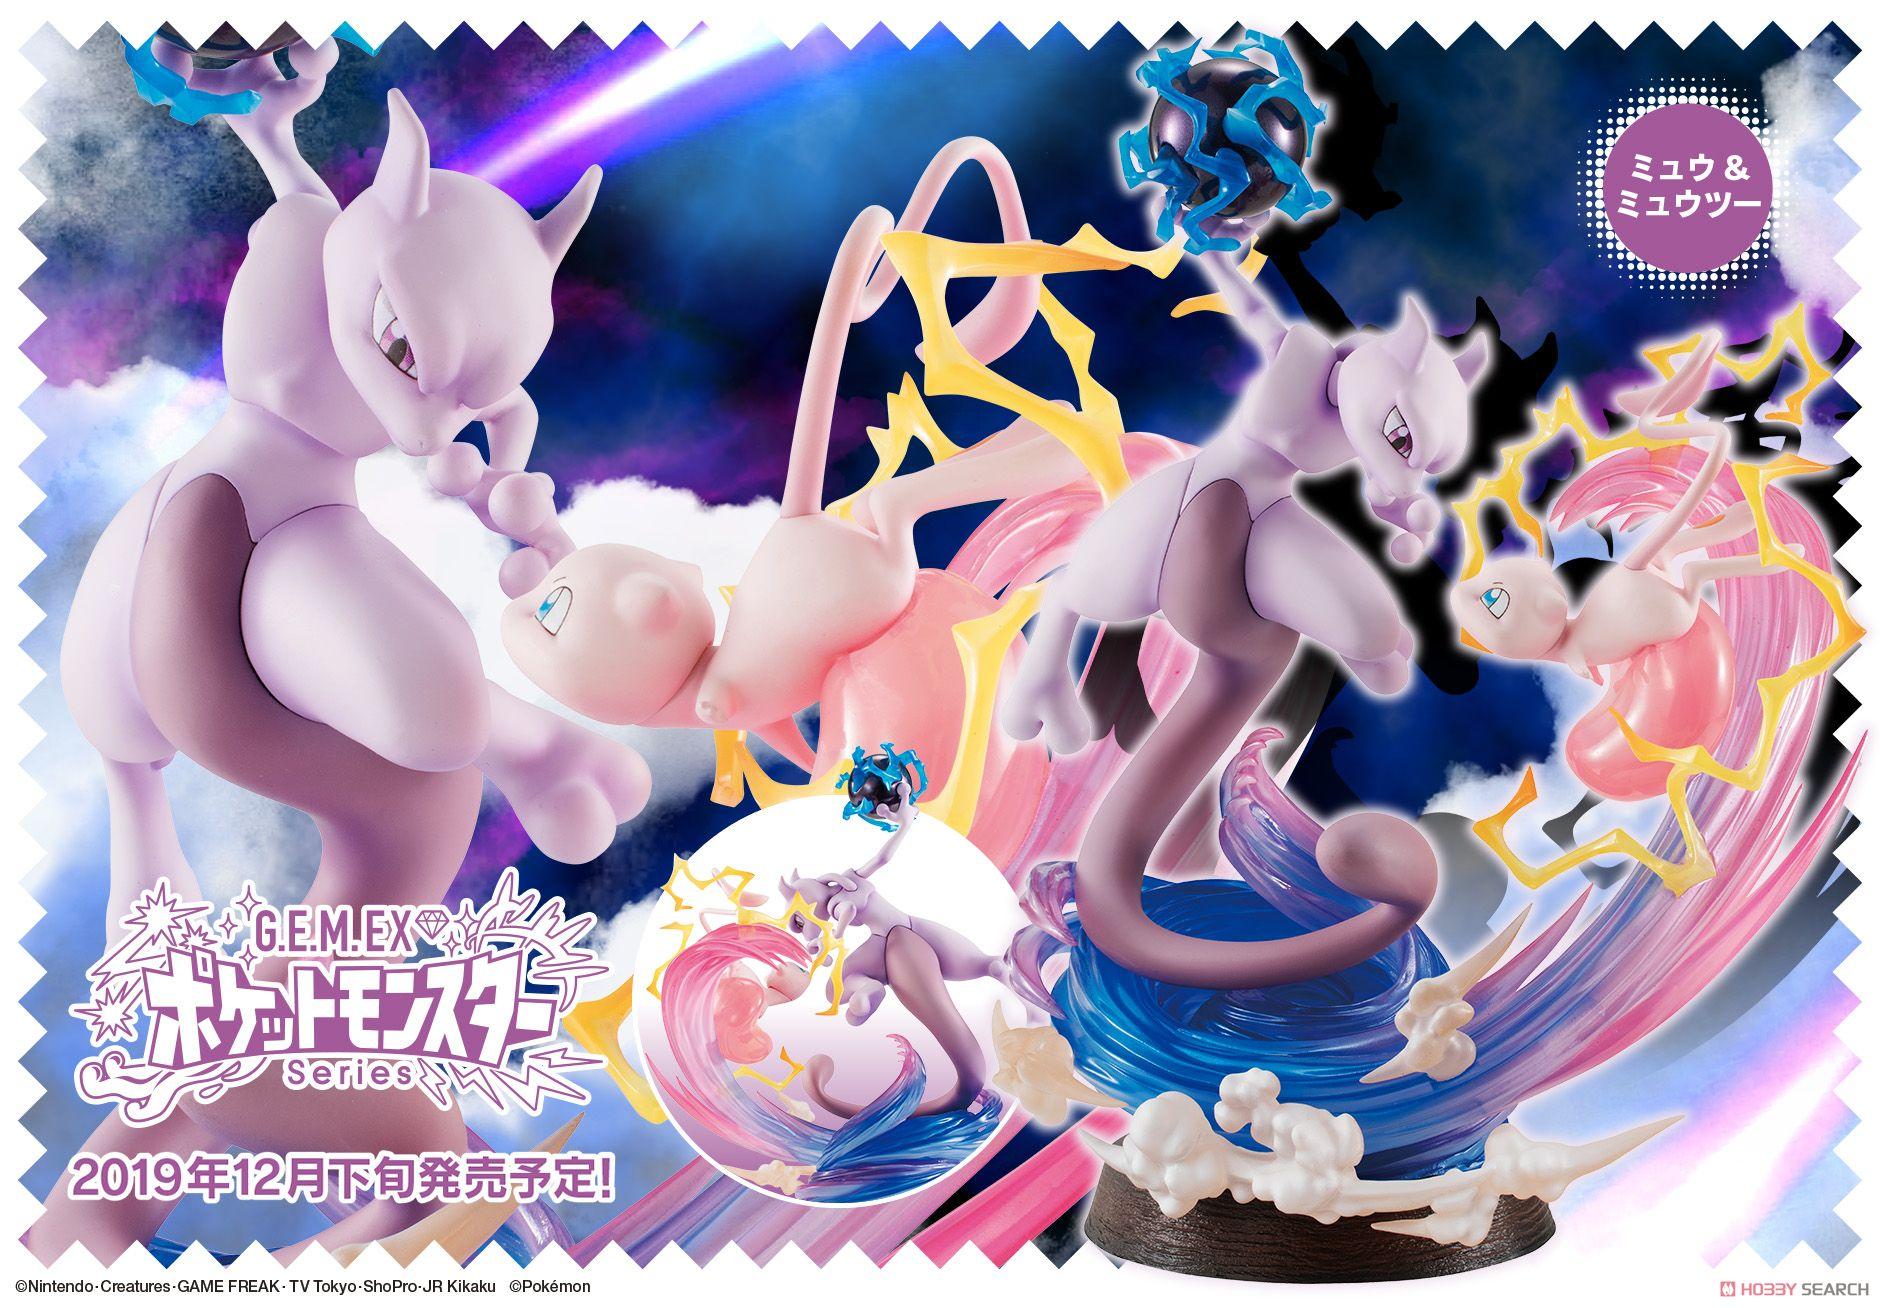 【再販】G.E.M. EXシリーズ『ミュウ&ミュウツー』ポケットモンスター 完成品フィギュア-006